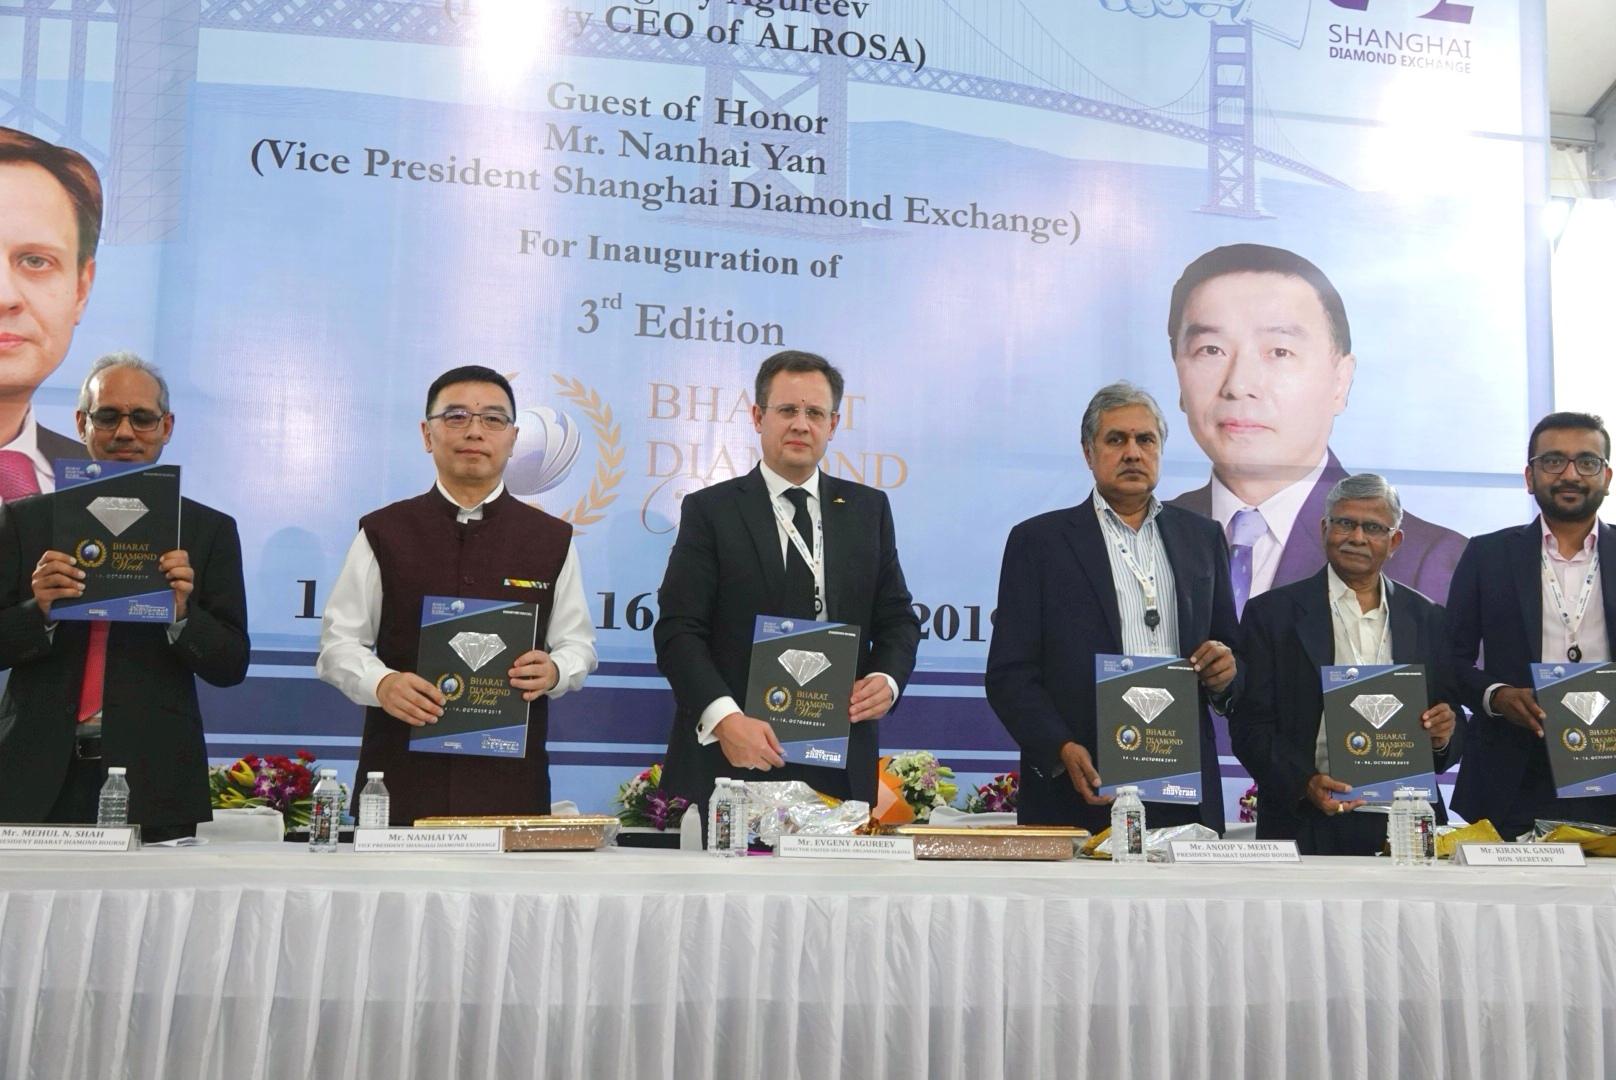 上海钻石交易所受邀参加第三届印度钻石周